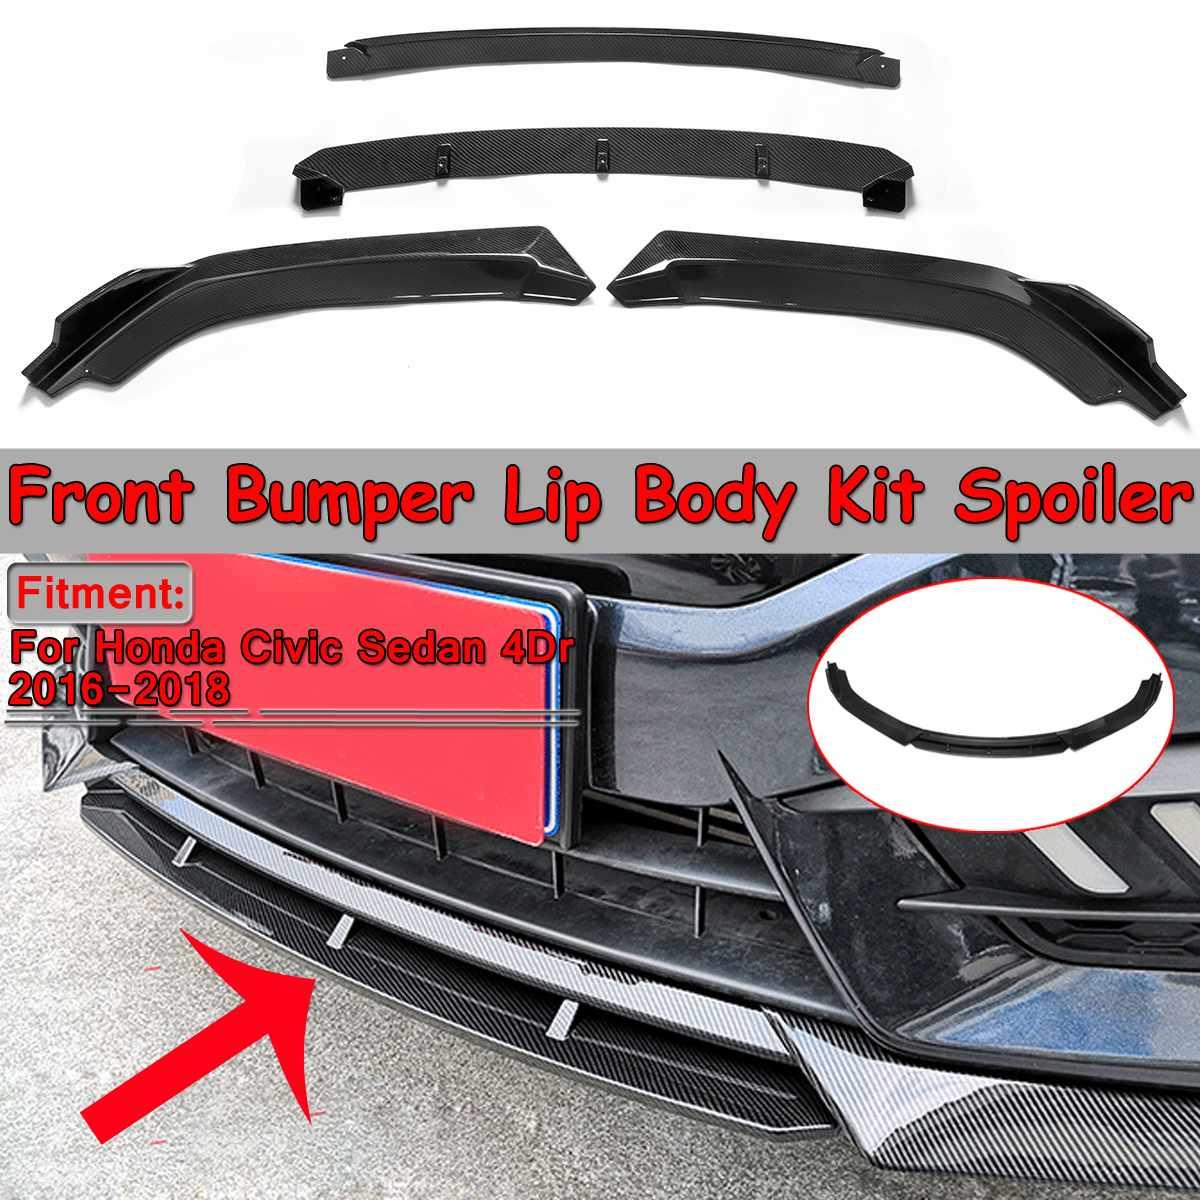 Nowy 4 sztuk przedni zderzak samochodowy część rozdzielająca nakładki zderzaka dyfuzor Lip Body Kit Spoiler zderzaki Protector dla Honda dla Civic Sedan 4Dr 2016-2018